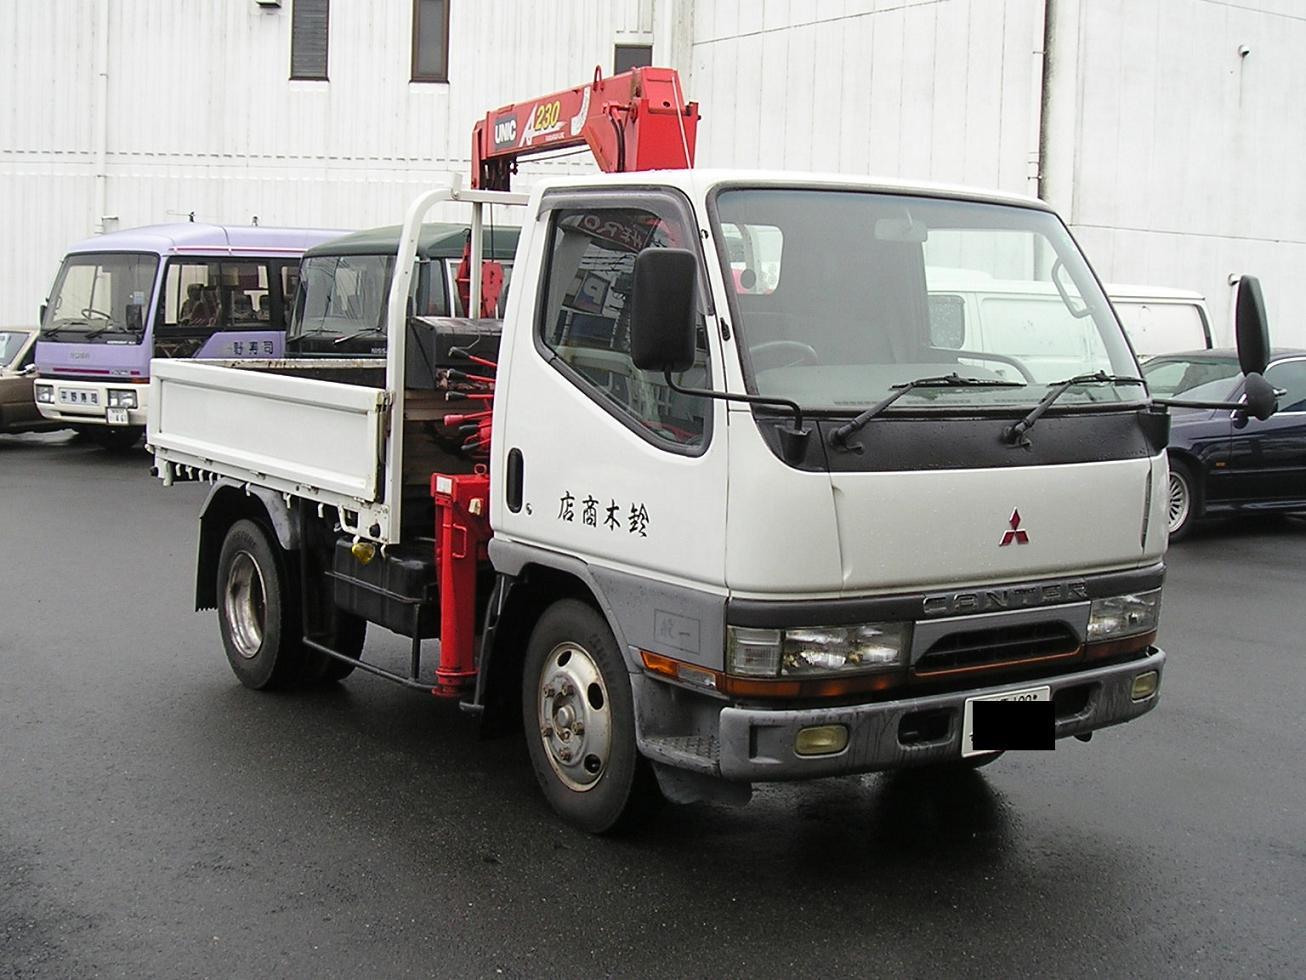 осуществляется применением продажа японских мини грузовиков в приморском крае условия Возврат Сервис